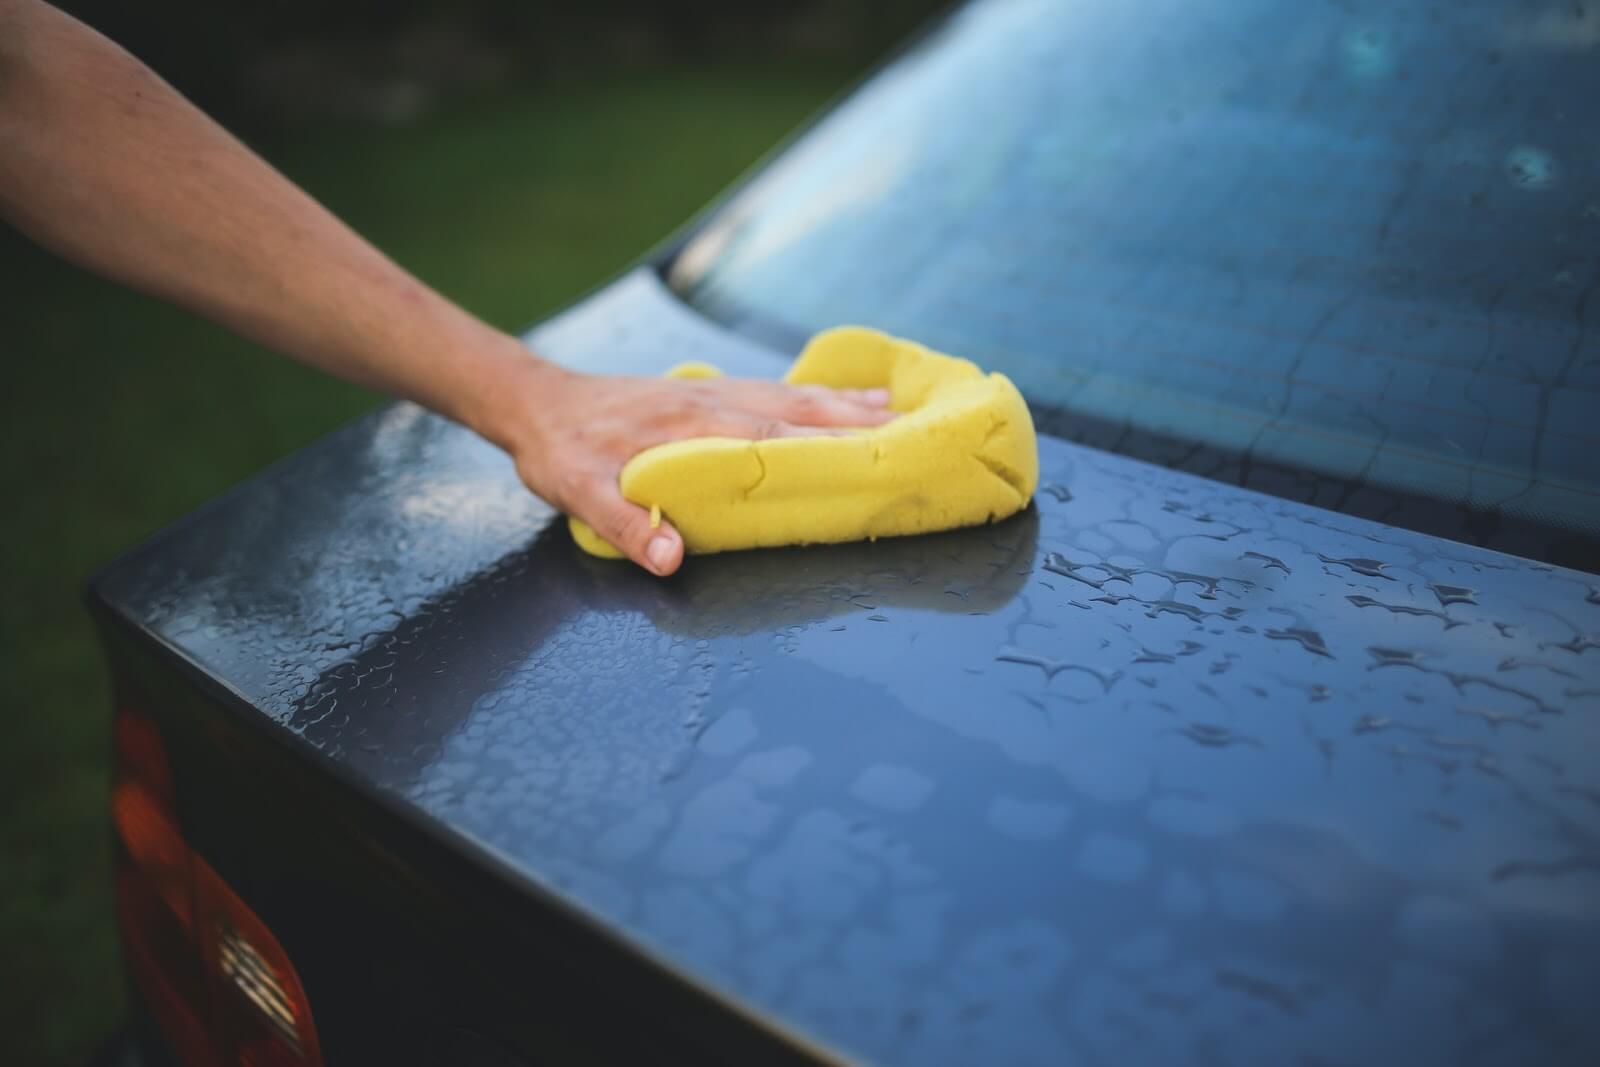 Fotografia de uma mão ensinando como higienizar carro corretamente e evitar a contaminação de covid-19